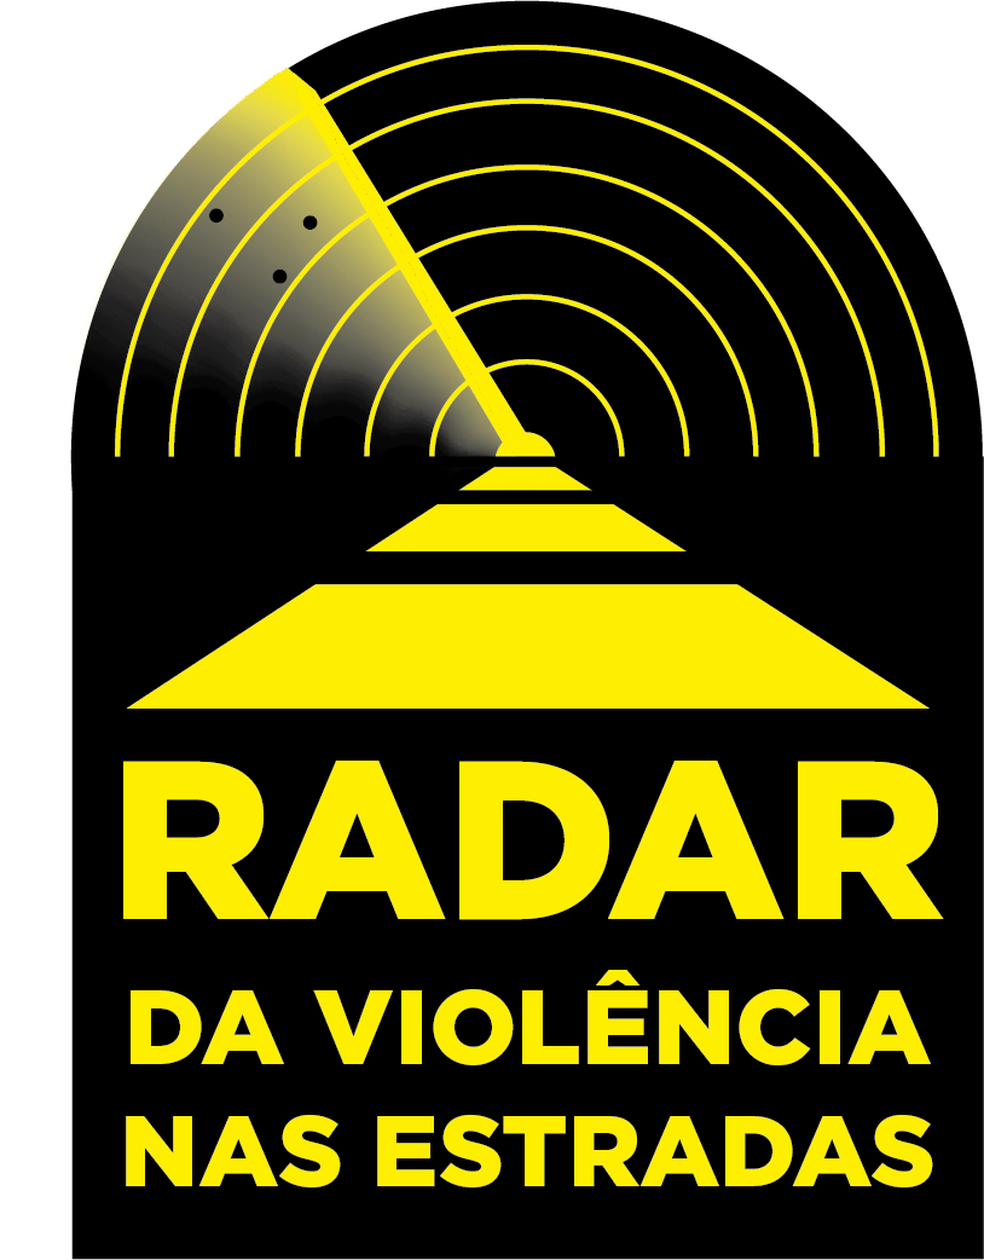 Selo do Radar da Violência nas Estradas (Foto: Fernado Carmo/Arte NSC TV)